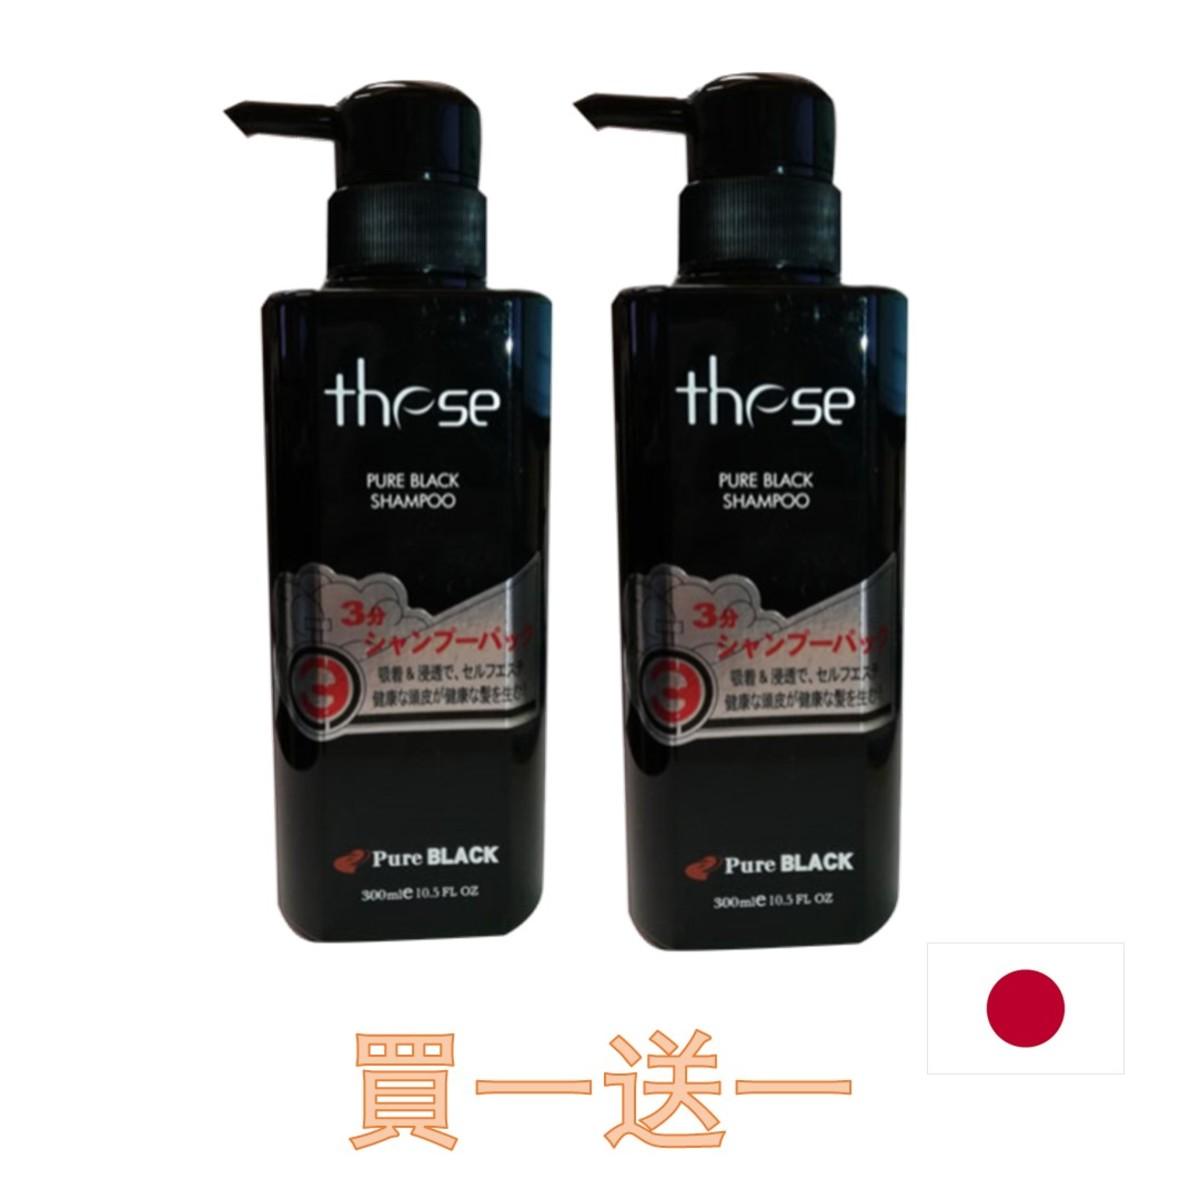 日本純黑Pure Black專業洗頭水 300ml 買一送一